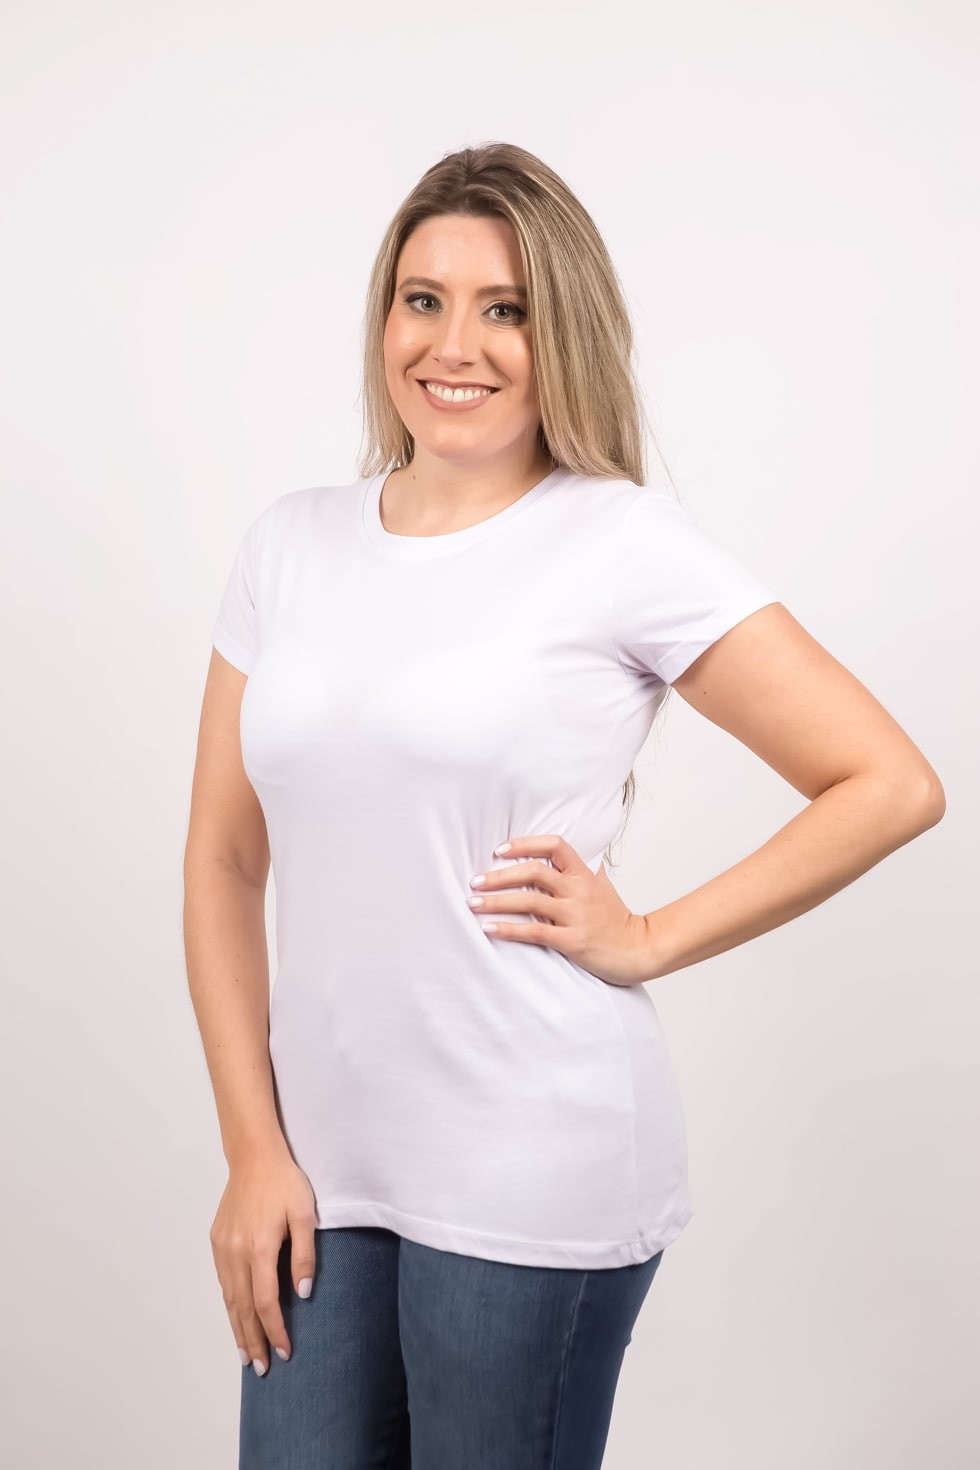 288747b876 Blusa Camiseta Básica Feminina Branca Ecológica no Elo7